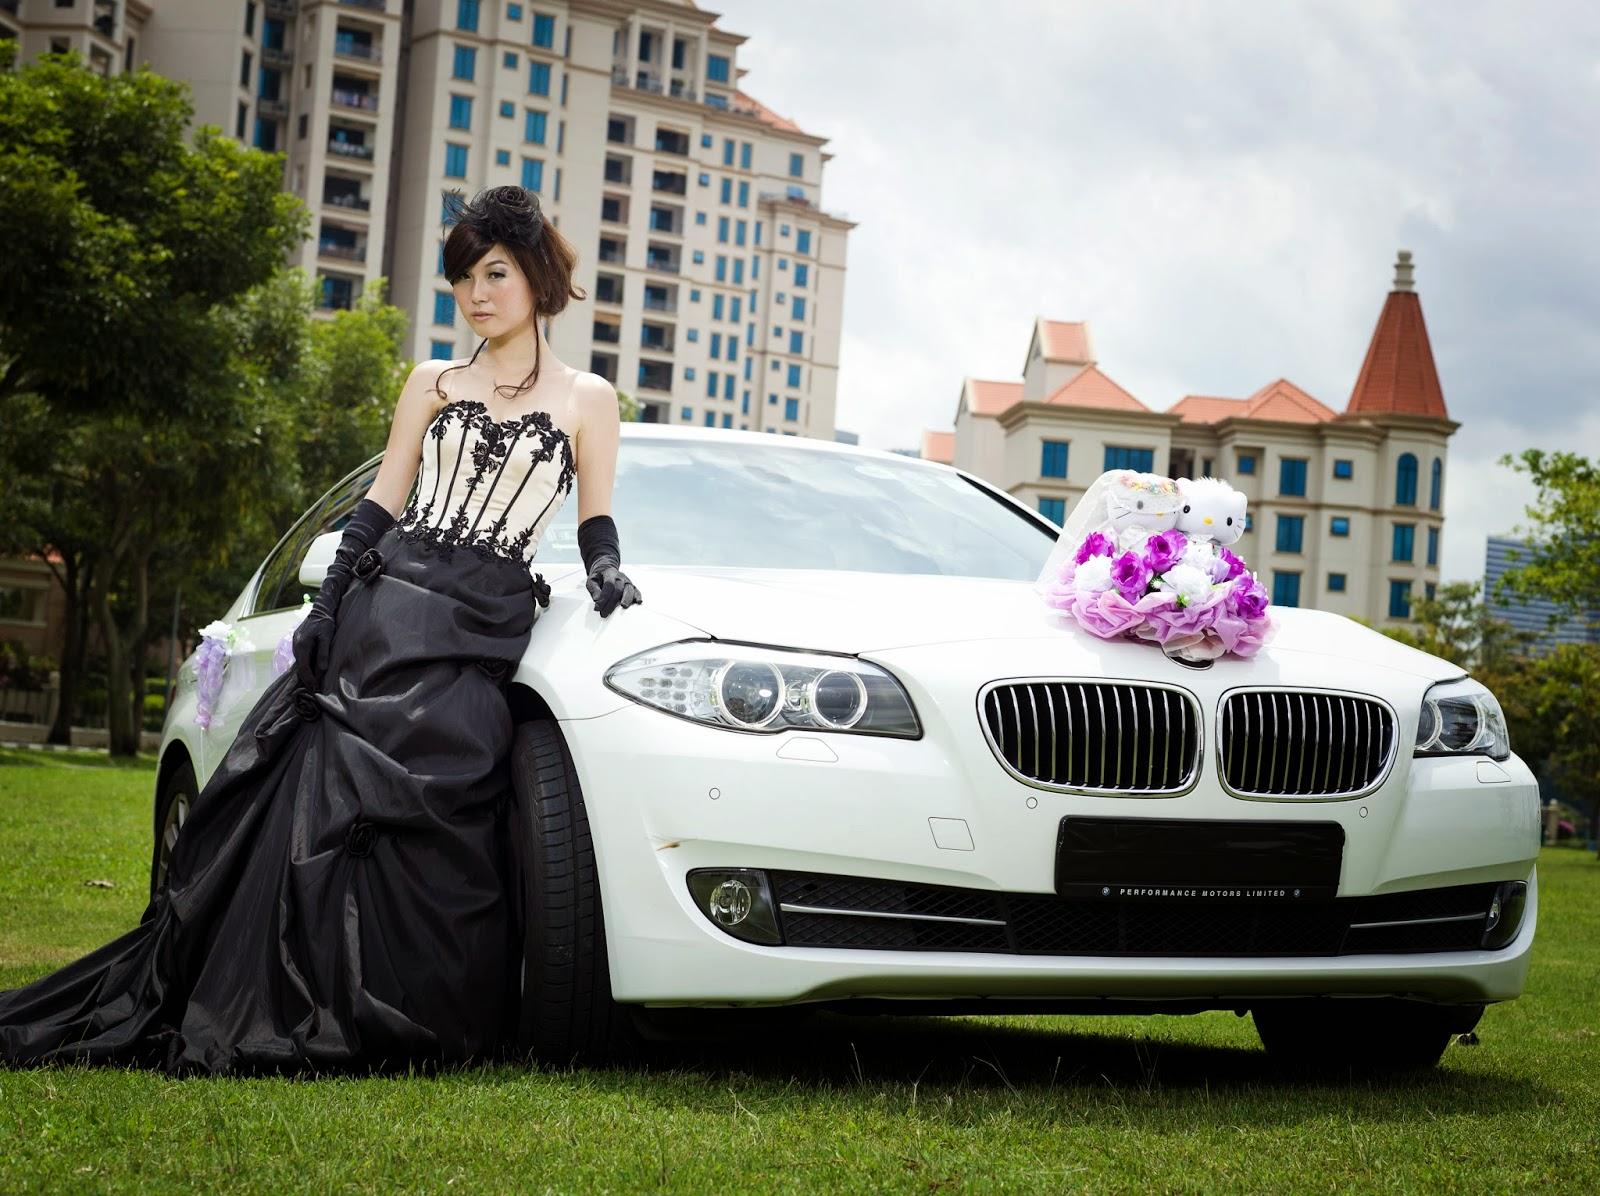 Car Photoshoot Ideas | Carbk co